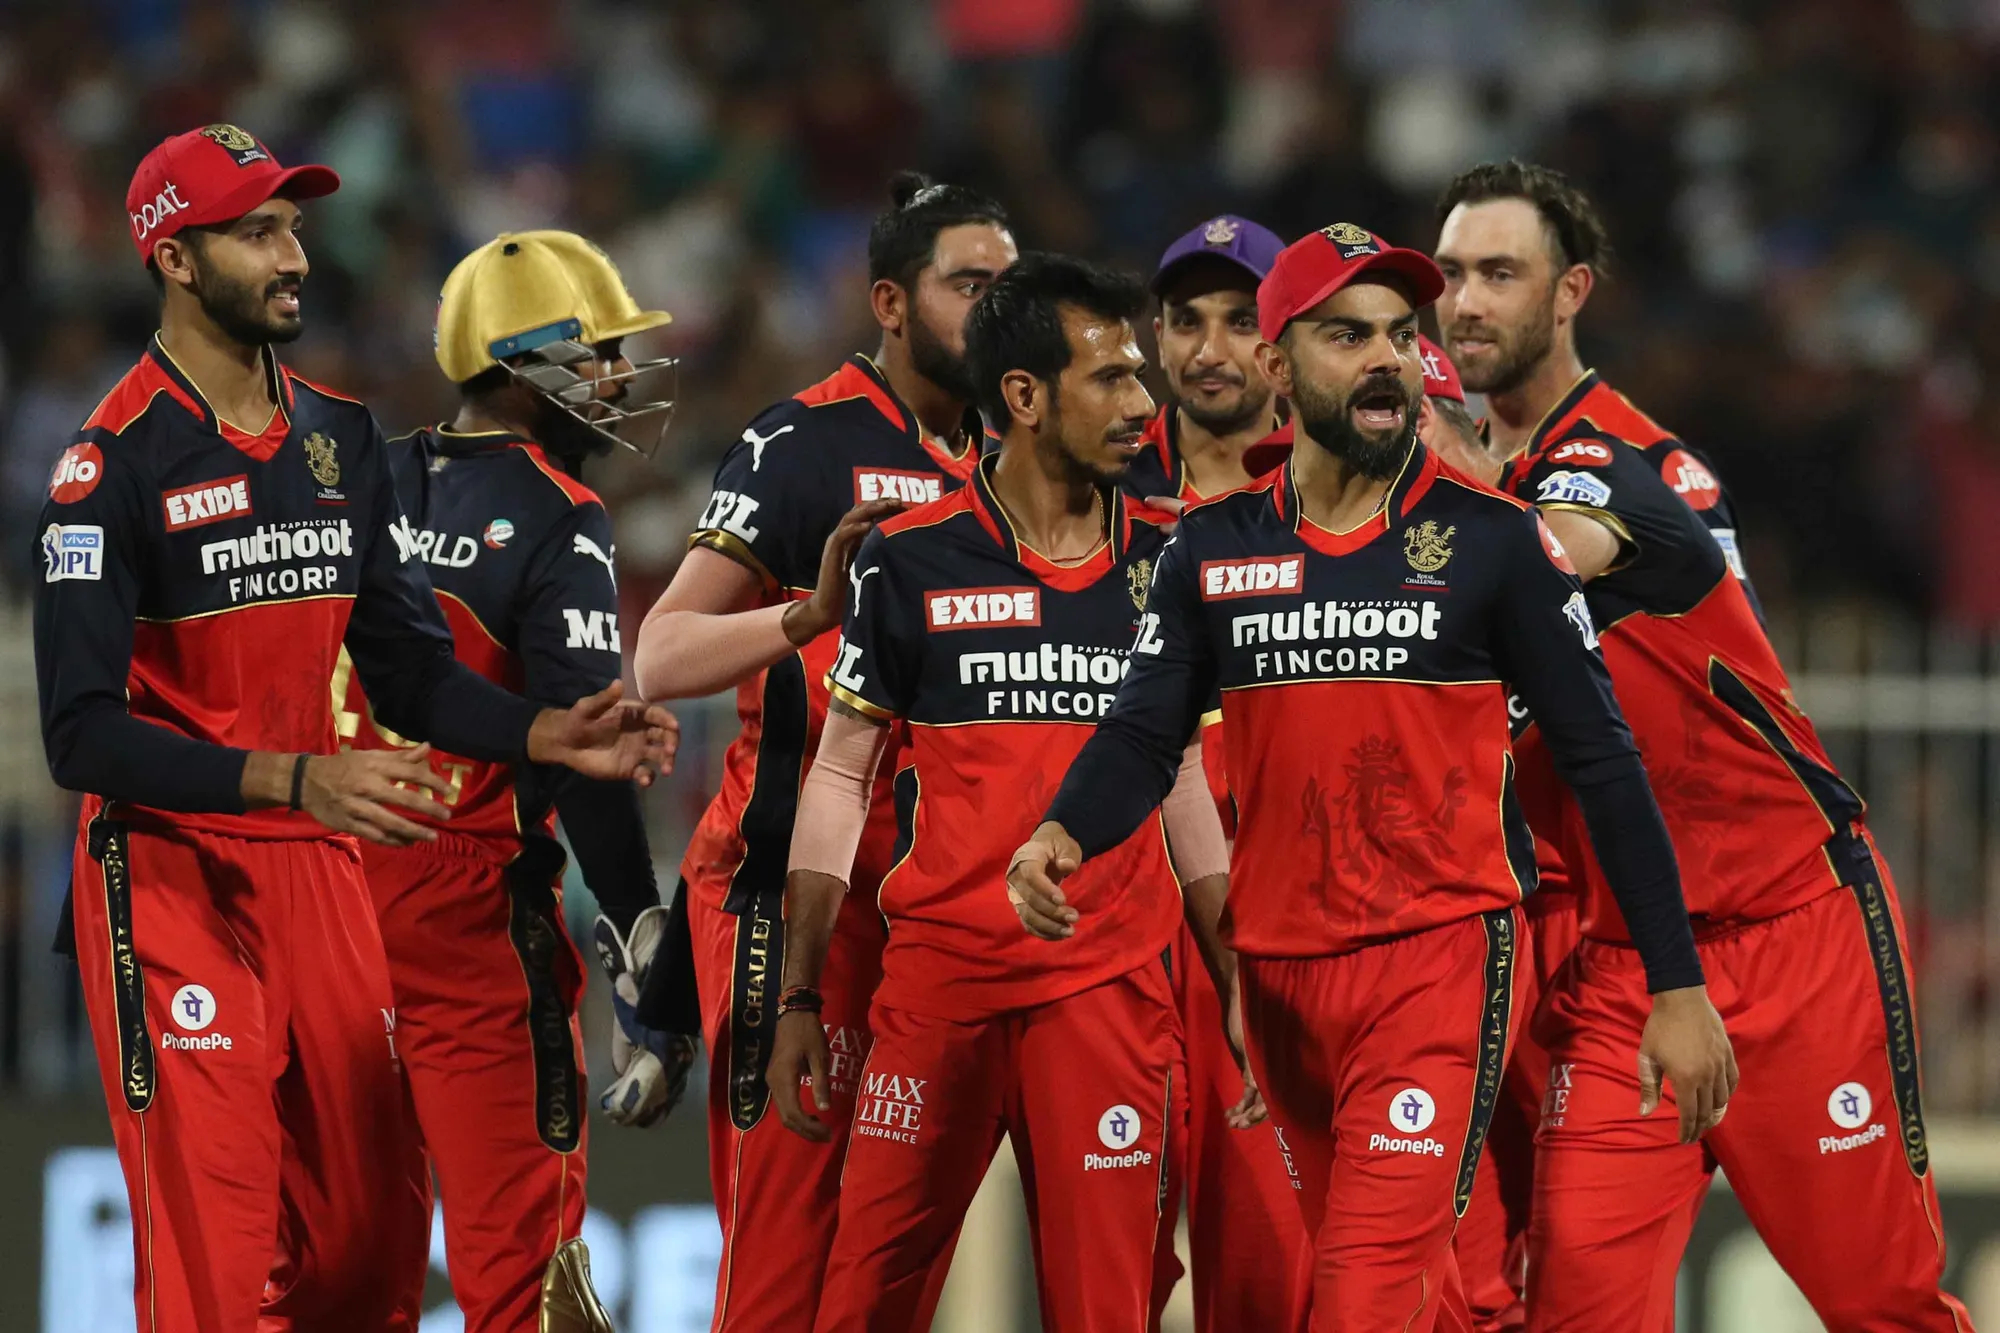 Virat Kohli captained RCB for the last time against KKR on Monday (11 October) | BCCI/IPL